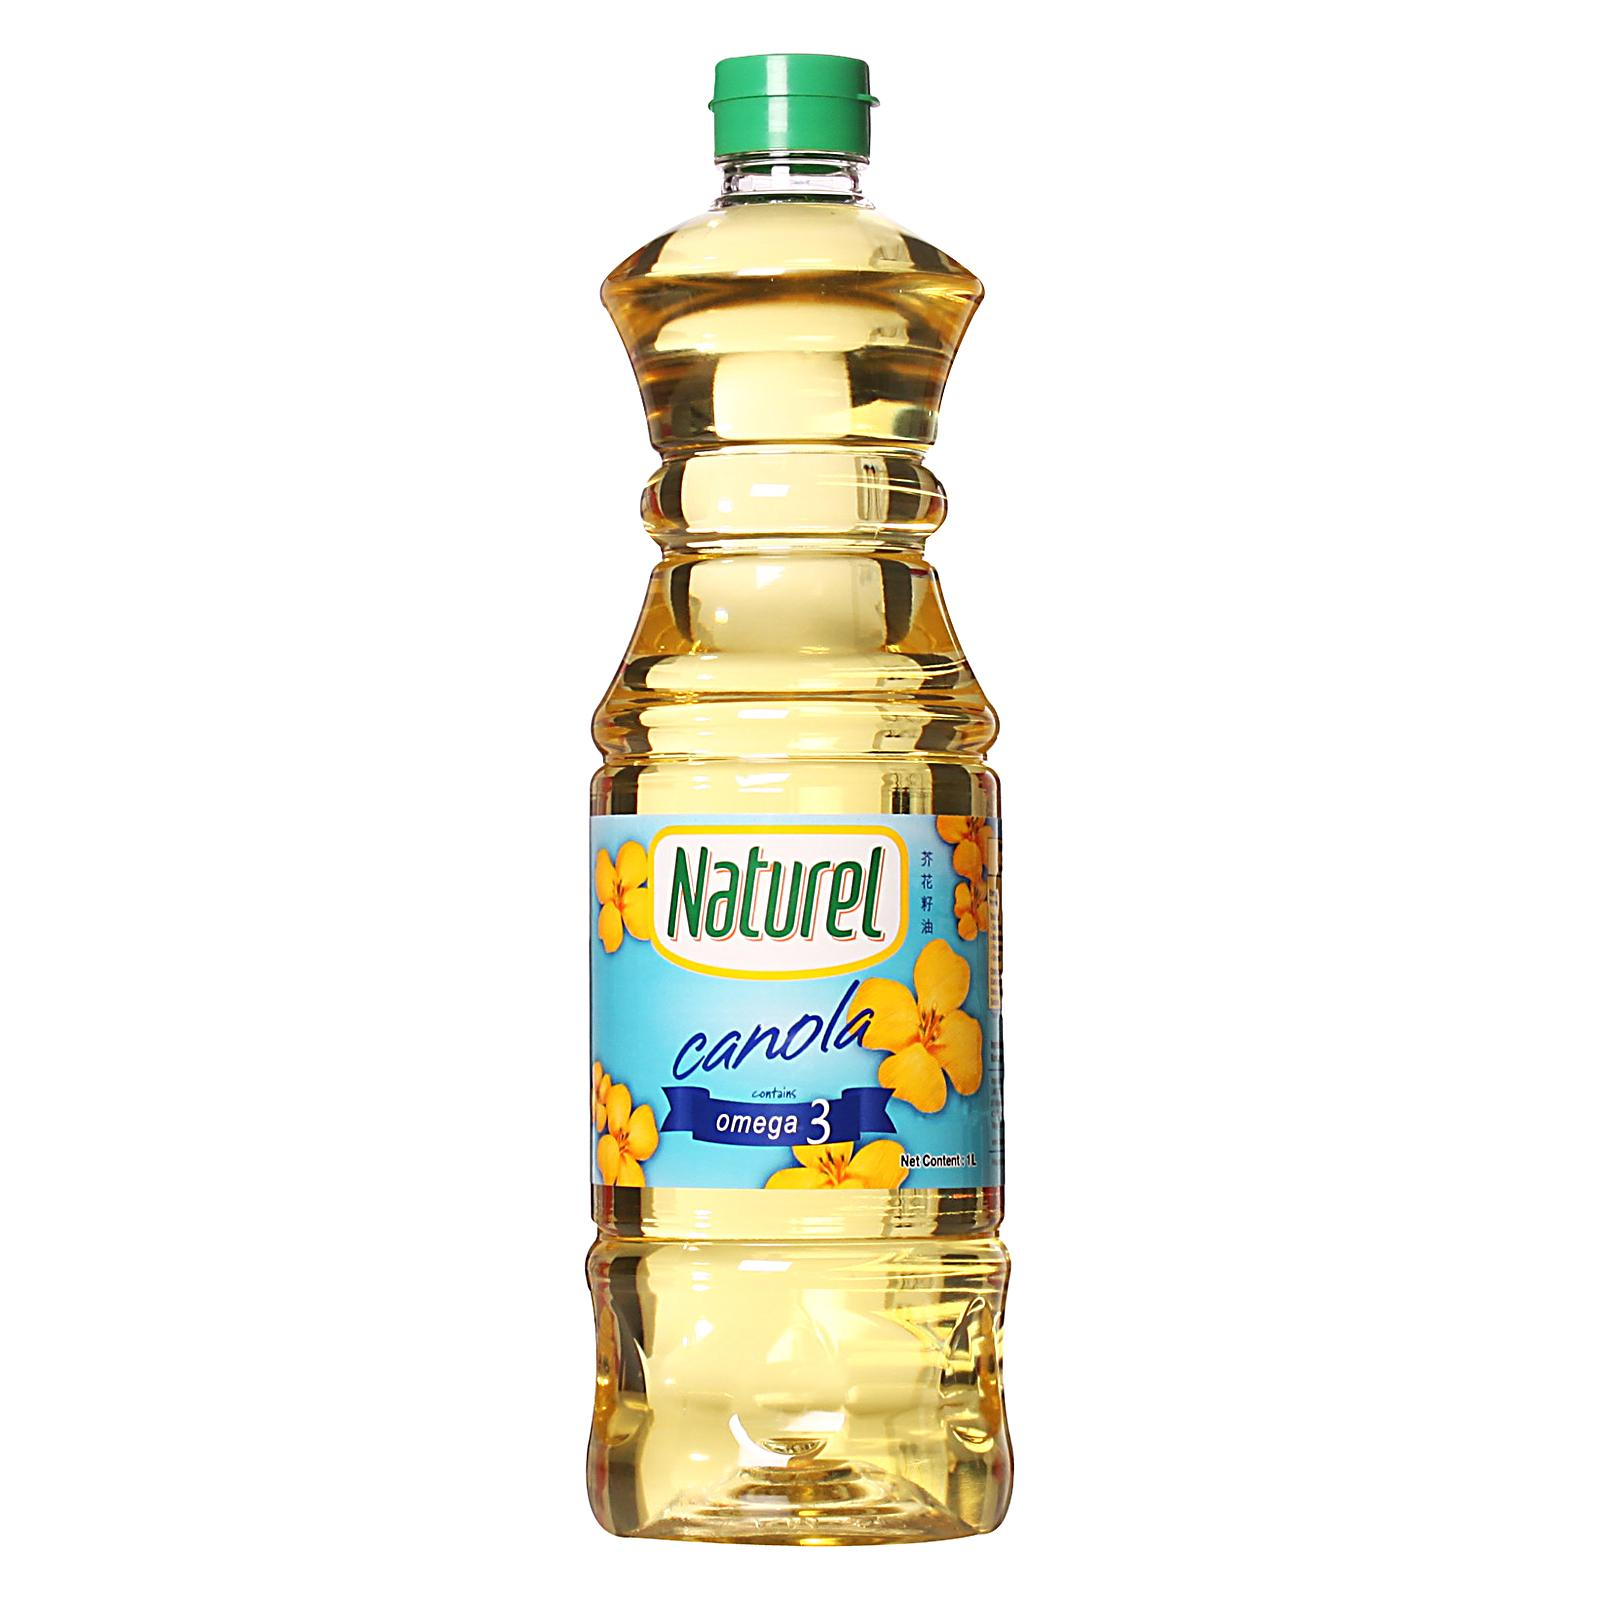 Naturel Canola Oil By Redmart.